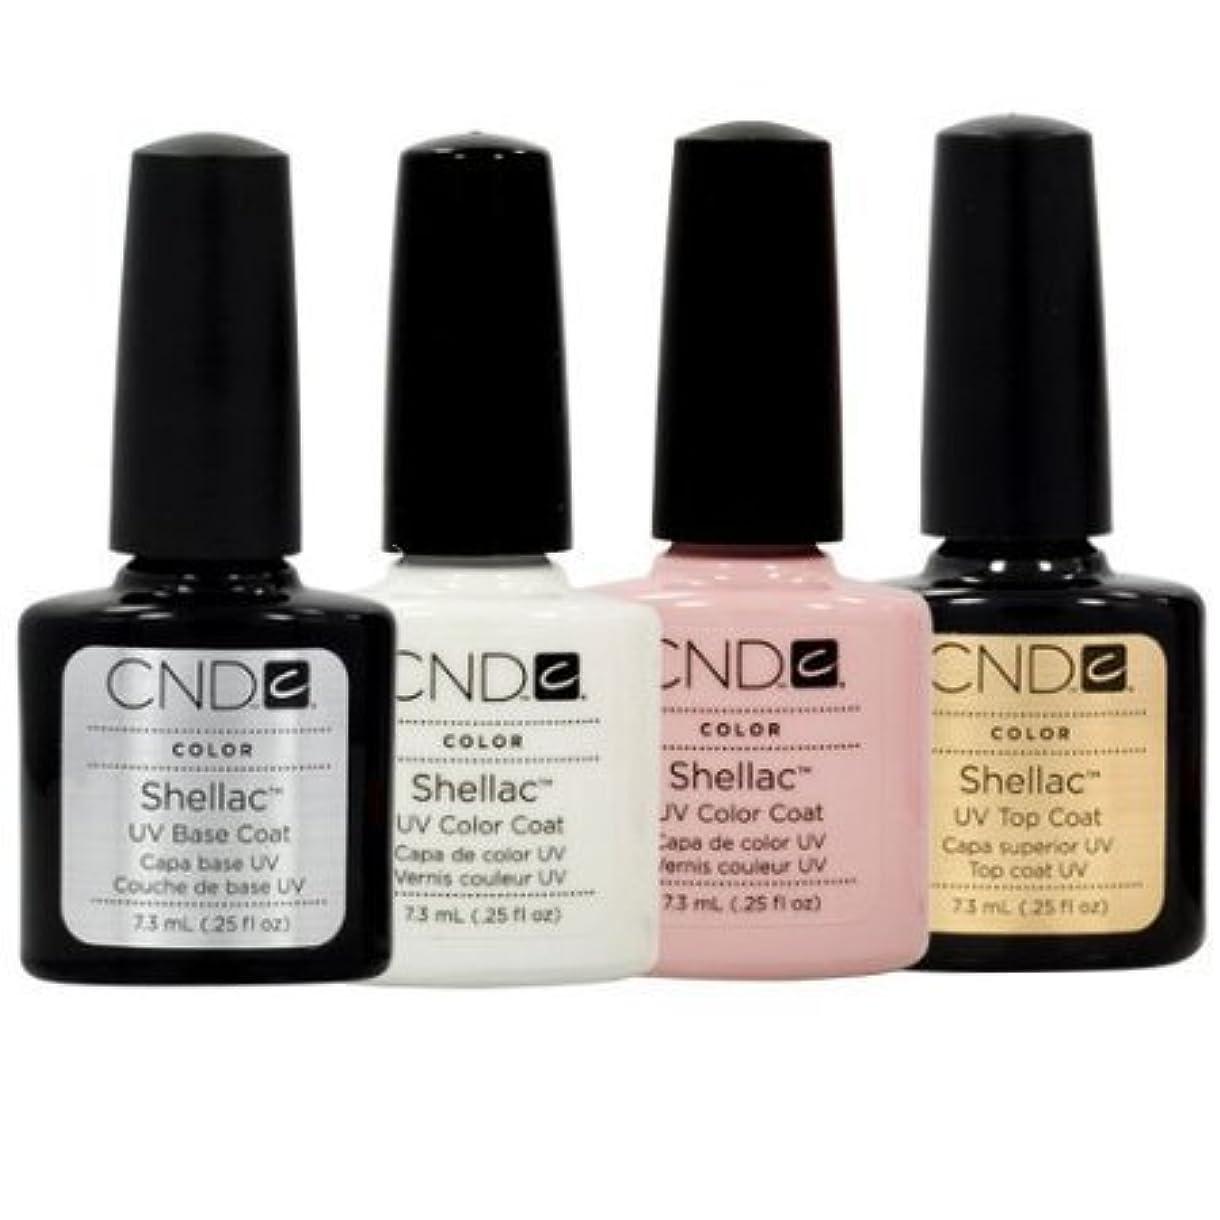 資源リーガン車両CND Shellac French Manicure Kit Base Top Coat Color White Pink Nail Polish Gel by CND - Creative Nail Design [...